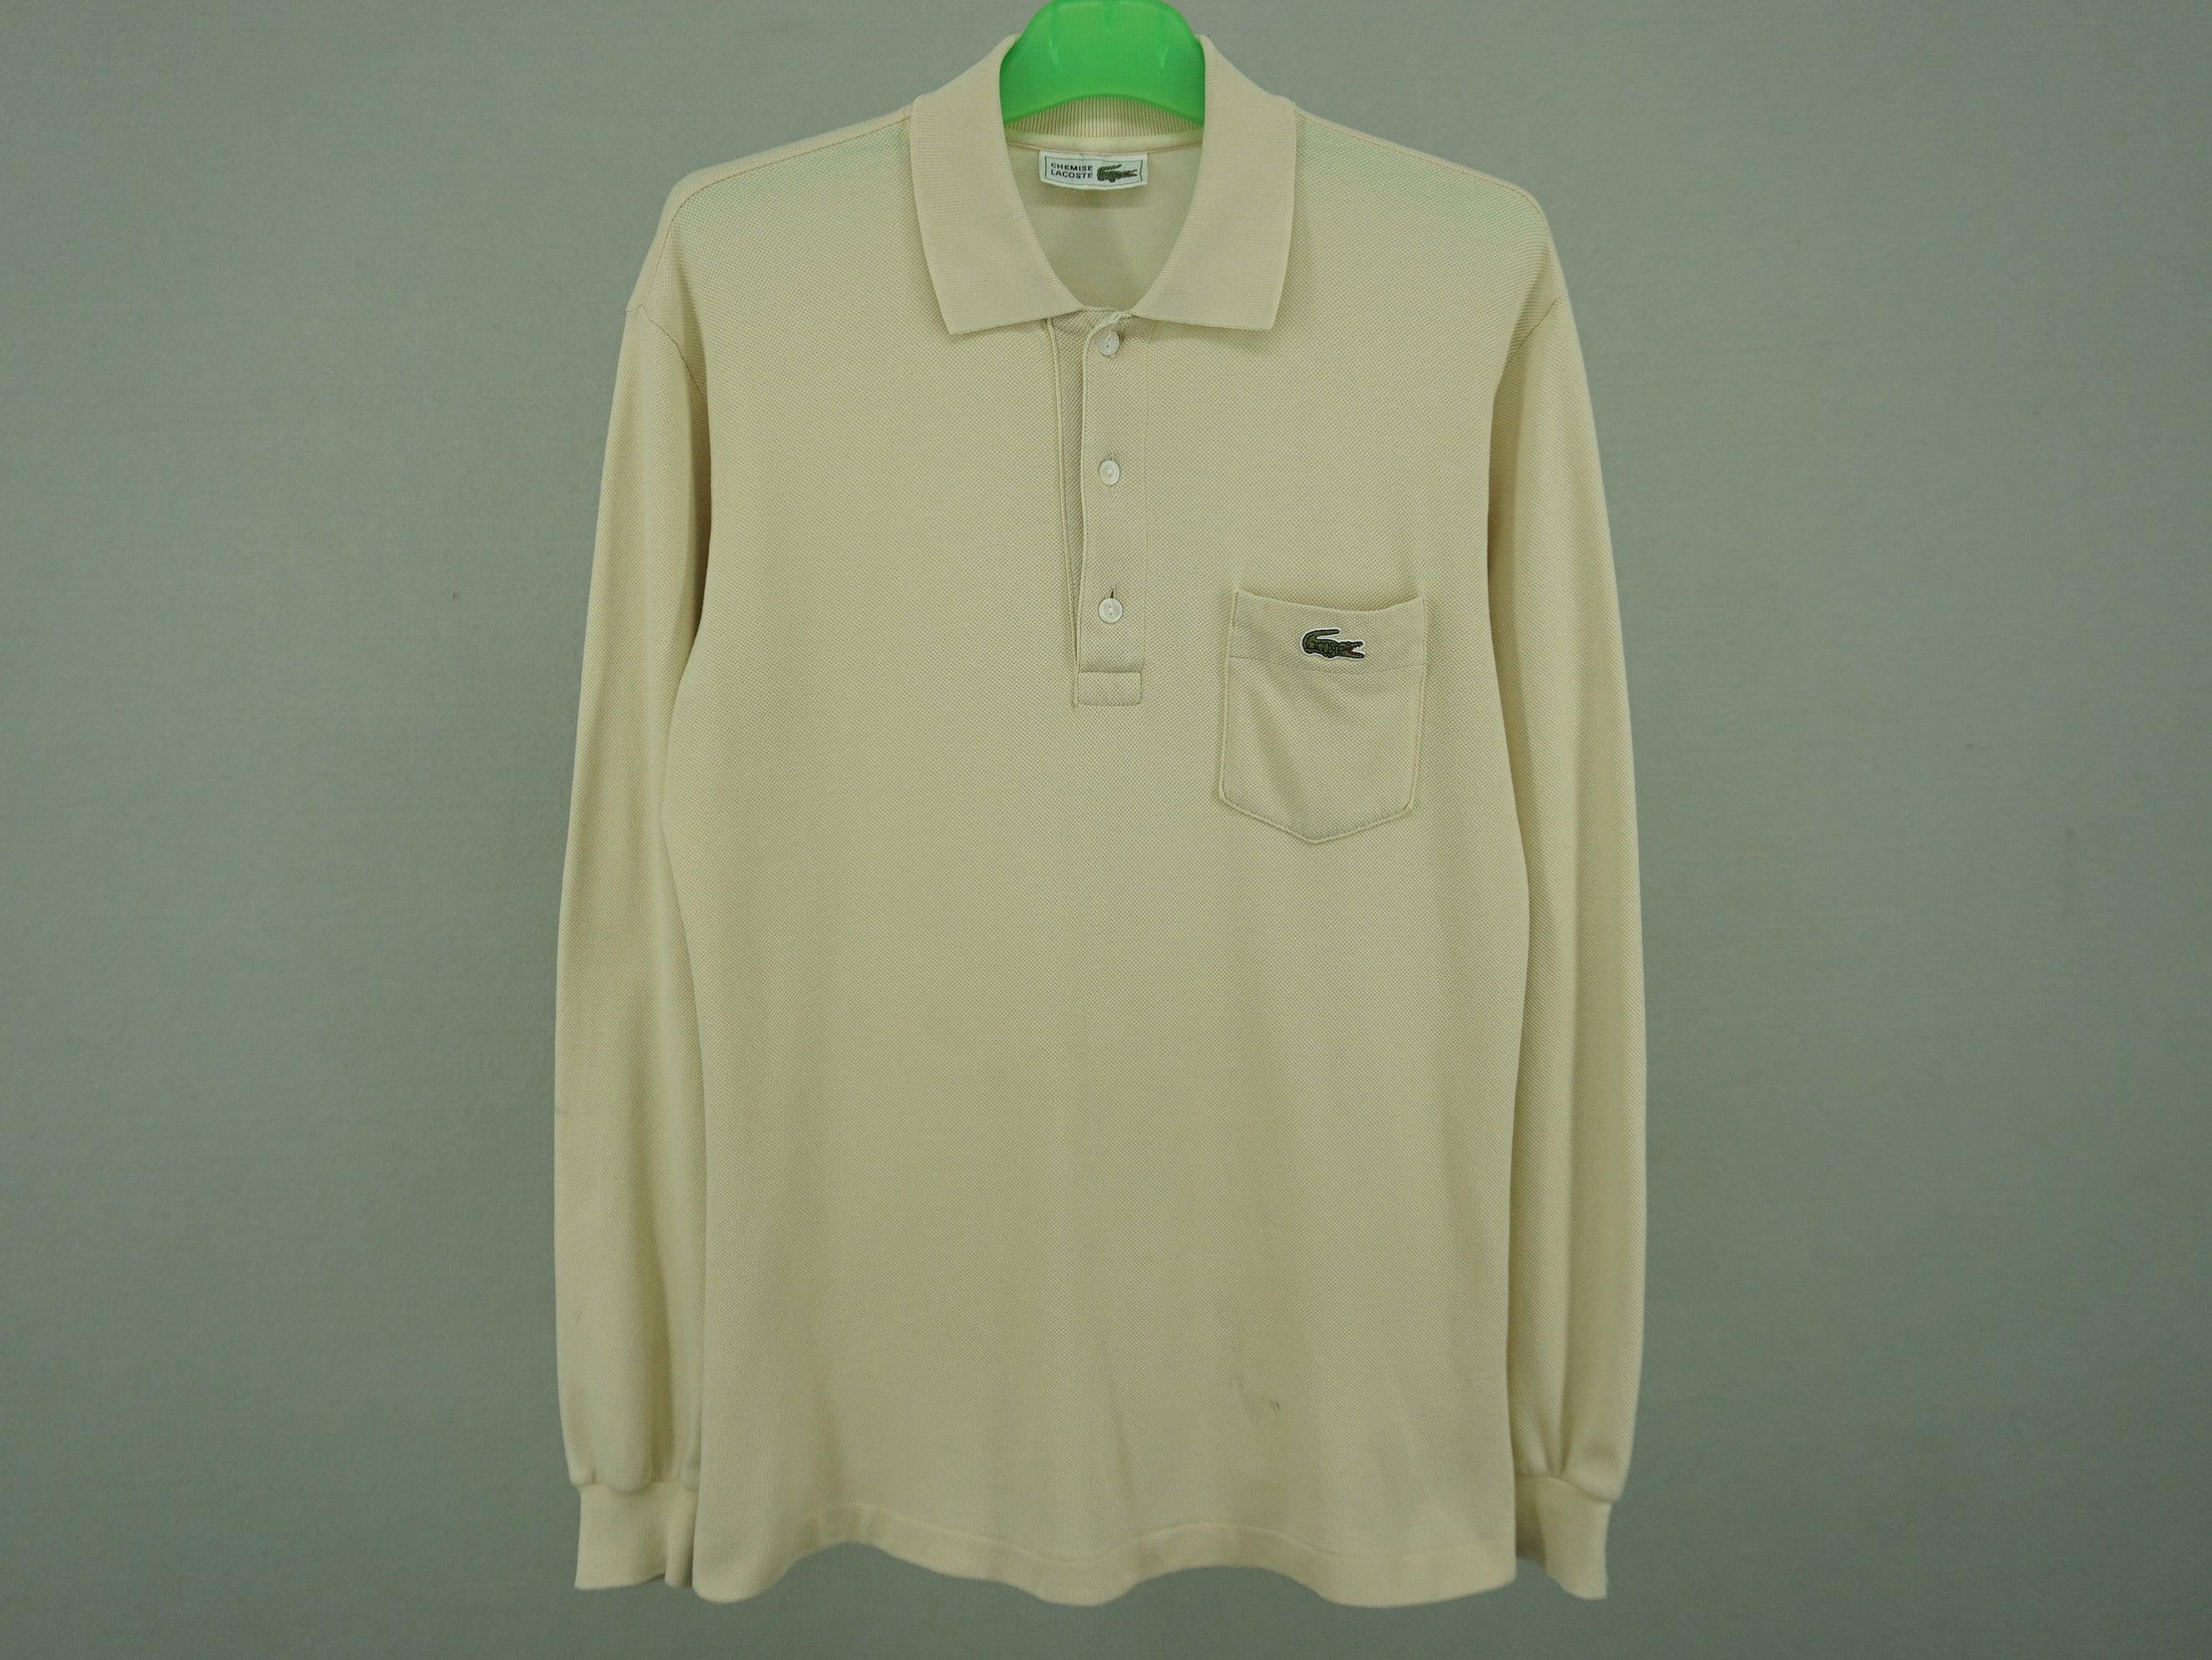 Lacoste Vintage Polo Shirt Men Size M L 90s Etsy Tas Zip Basic Special Colours